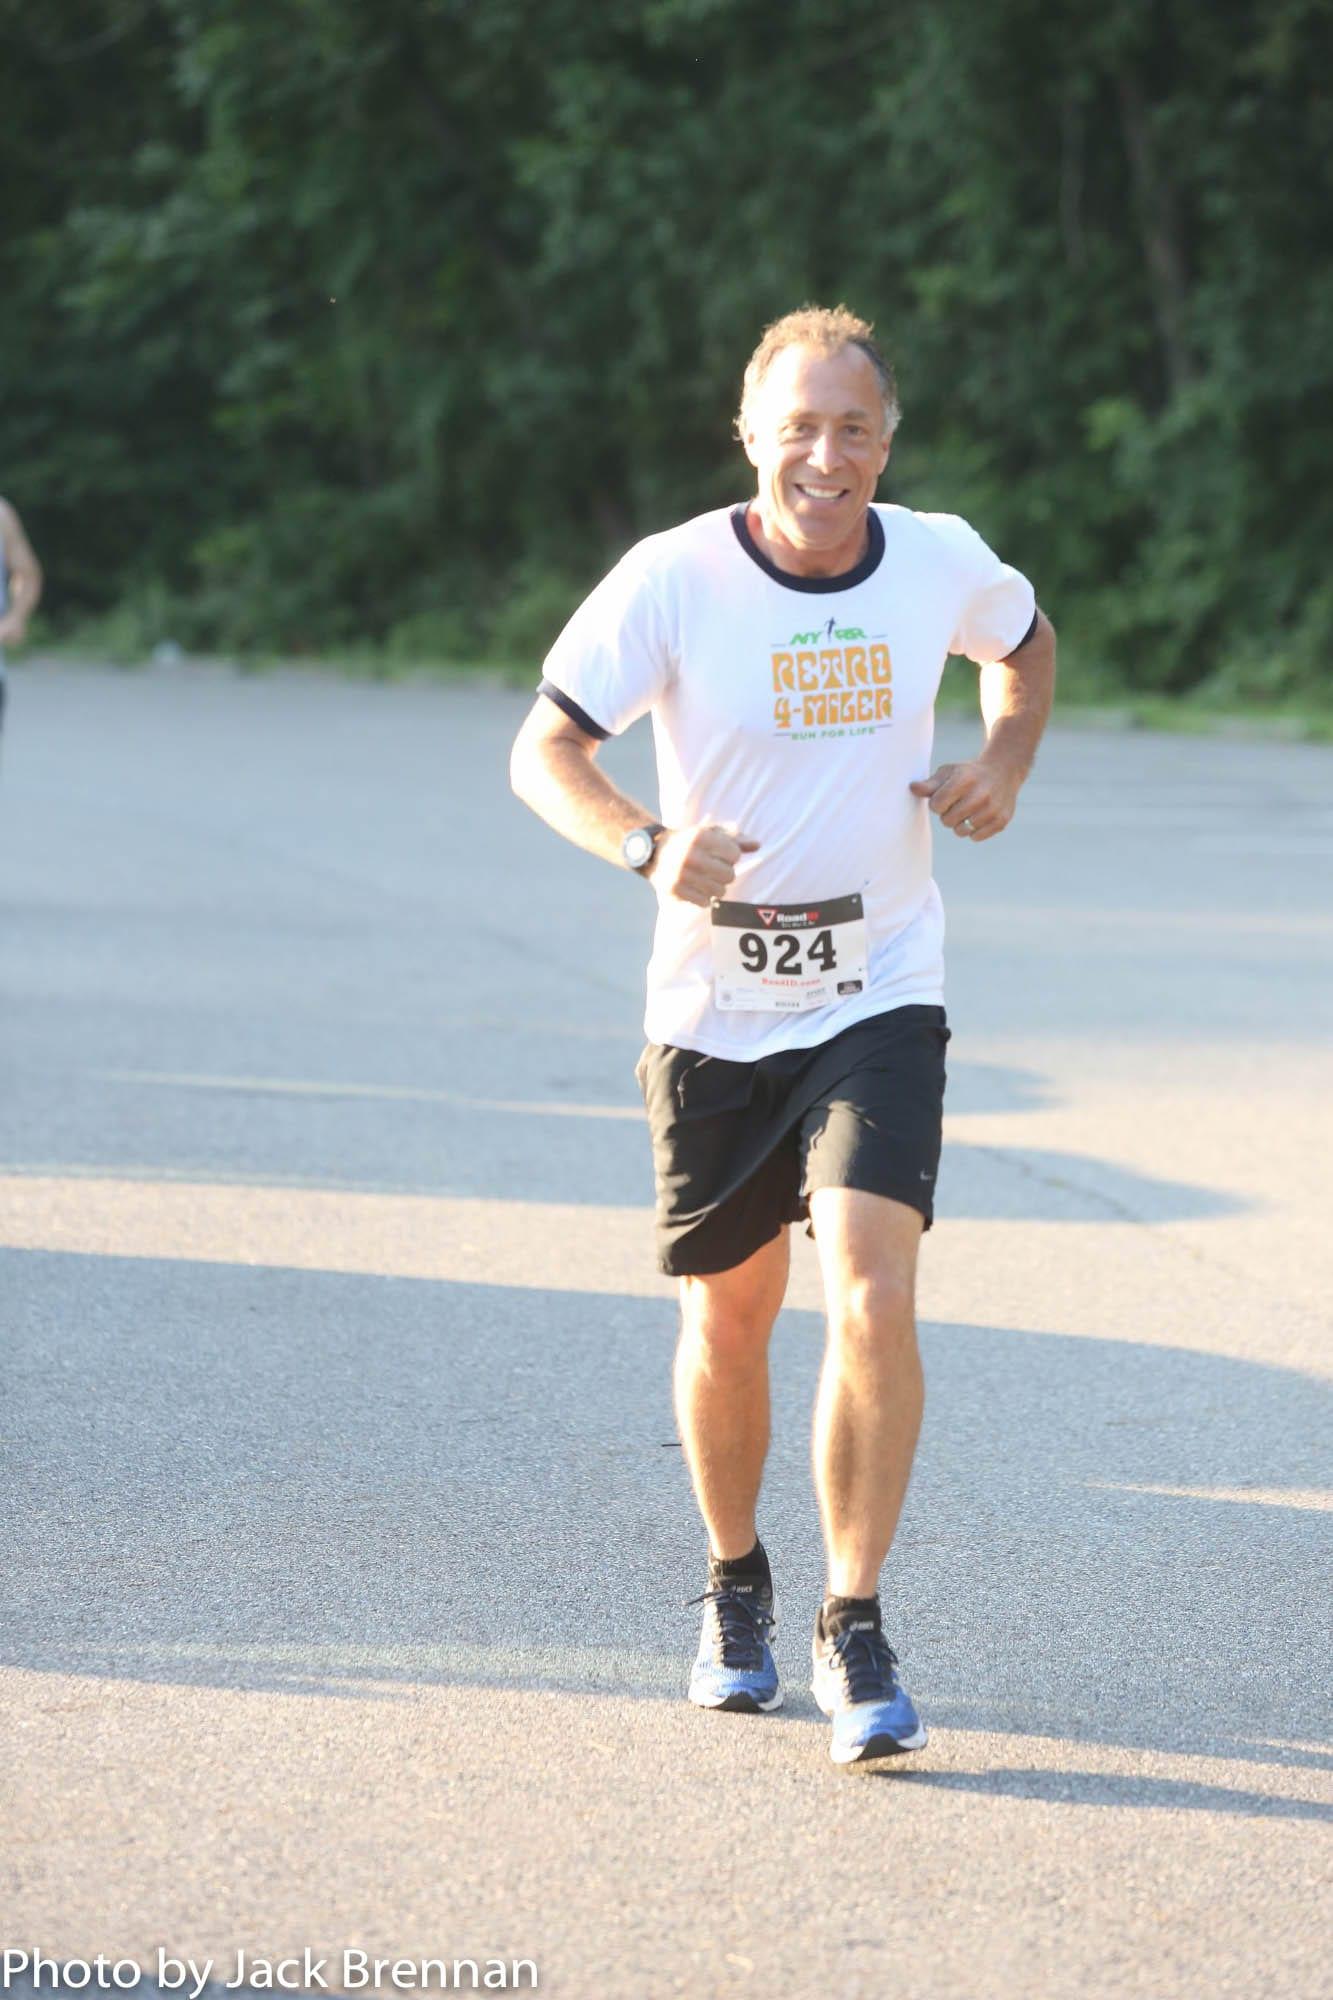 027 - Putnam County Classic 2016 Taconic Road Runners - BA3A0350